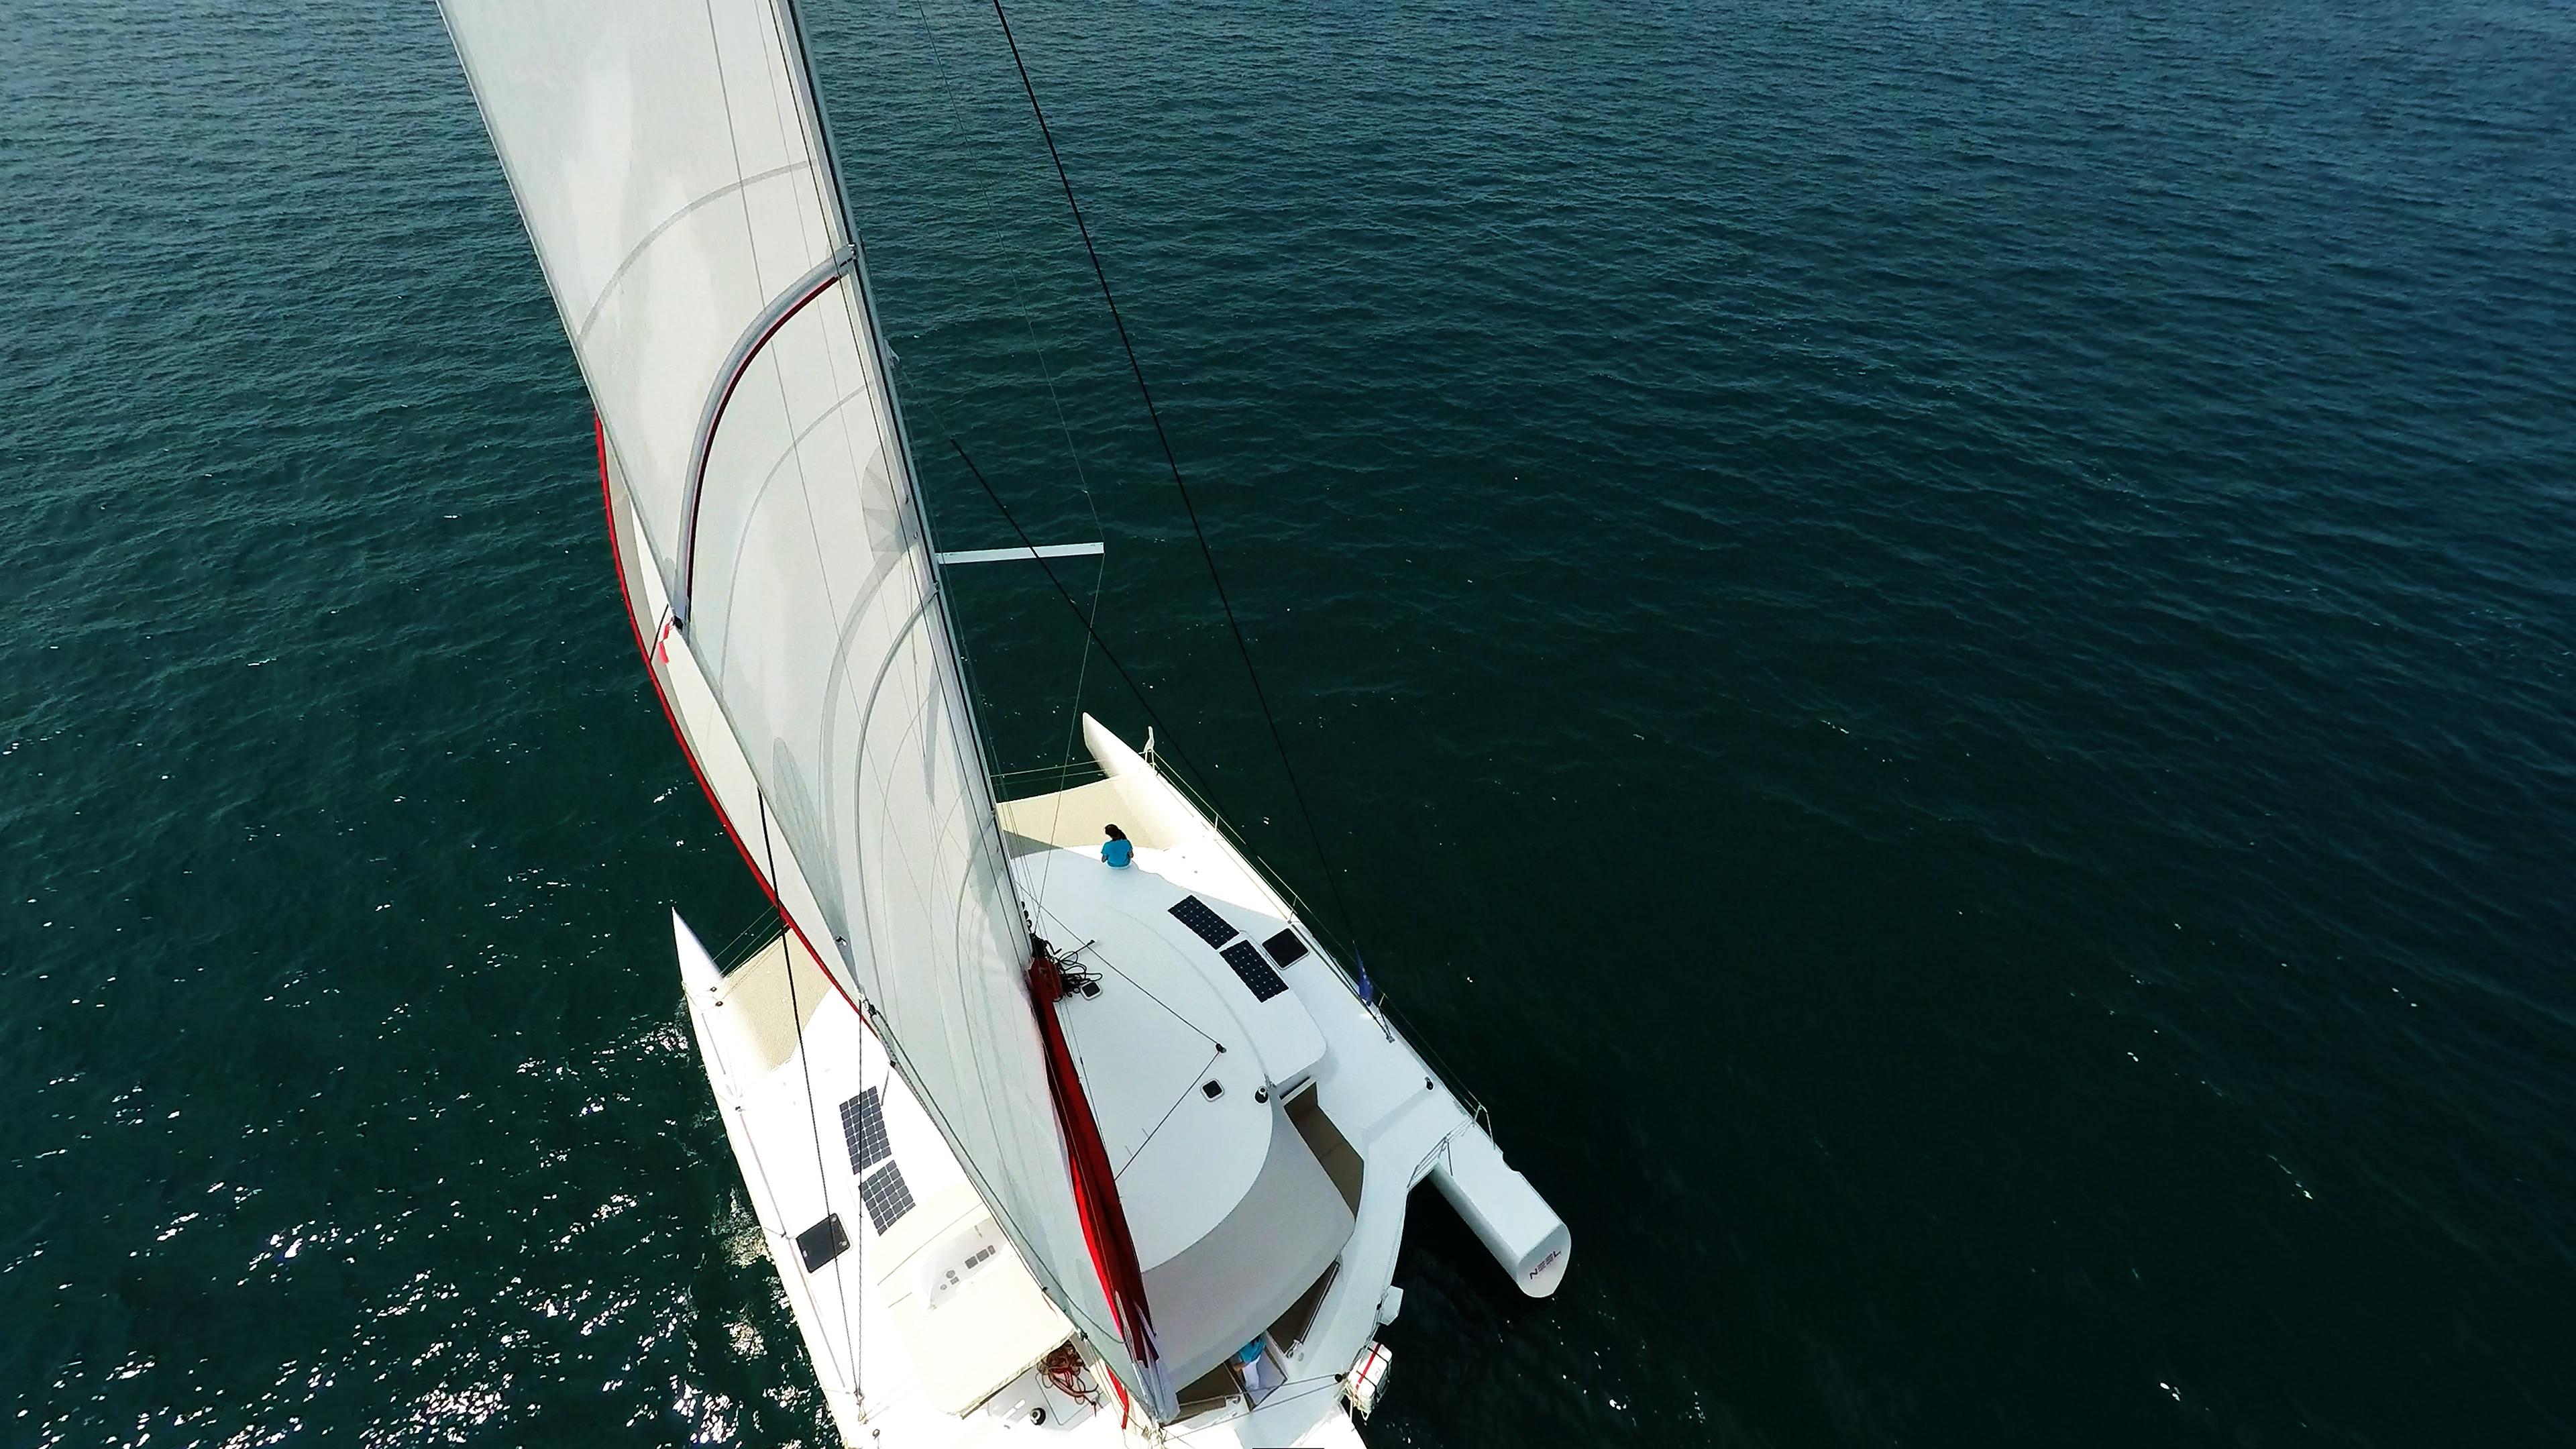 vista dalla albero sul trimarano a vela yacht